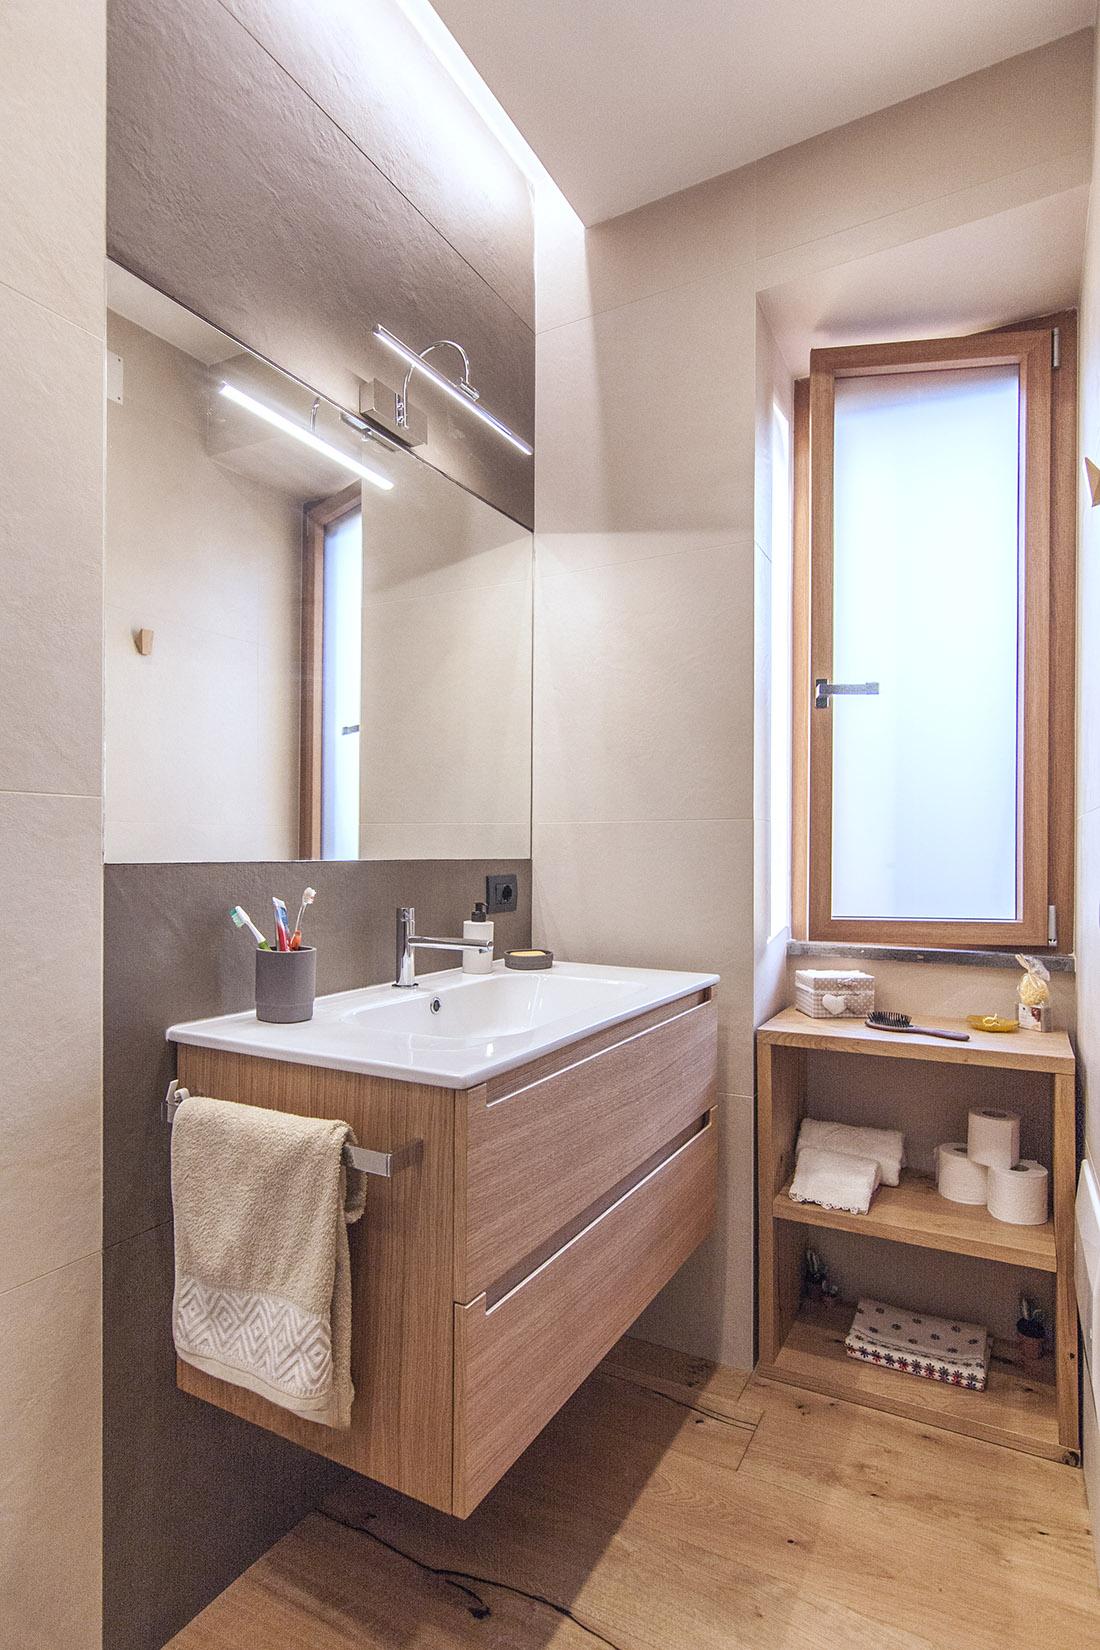 casa-tao-napoli-tufo-a-vista-recupero-moderno-pucciarelli-architetti-bagno-2